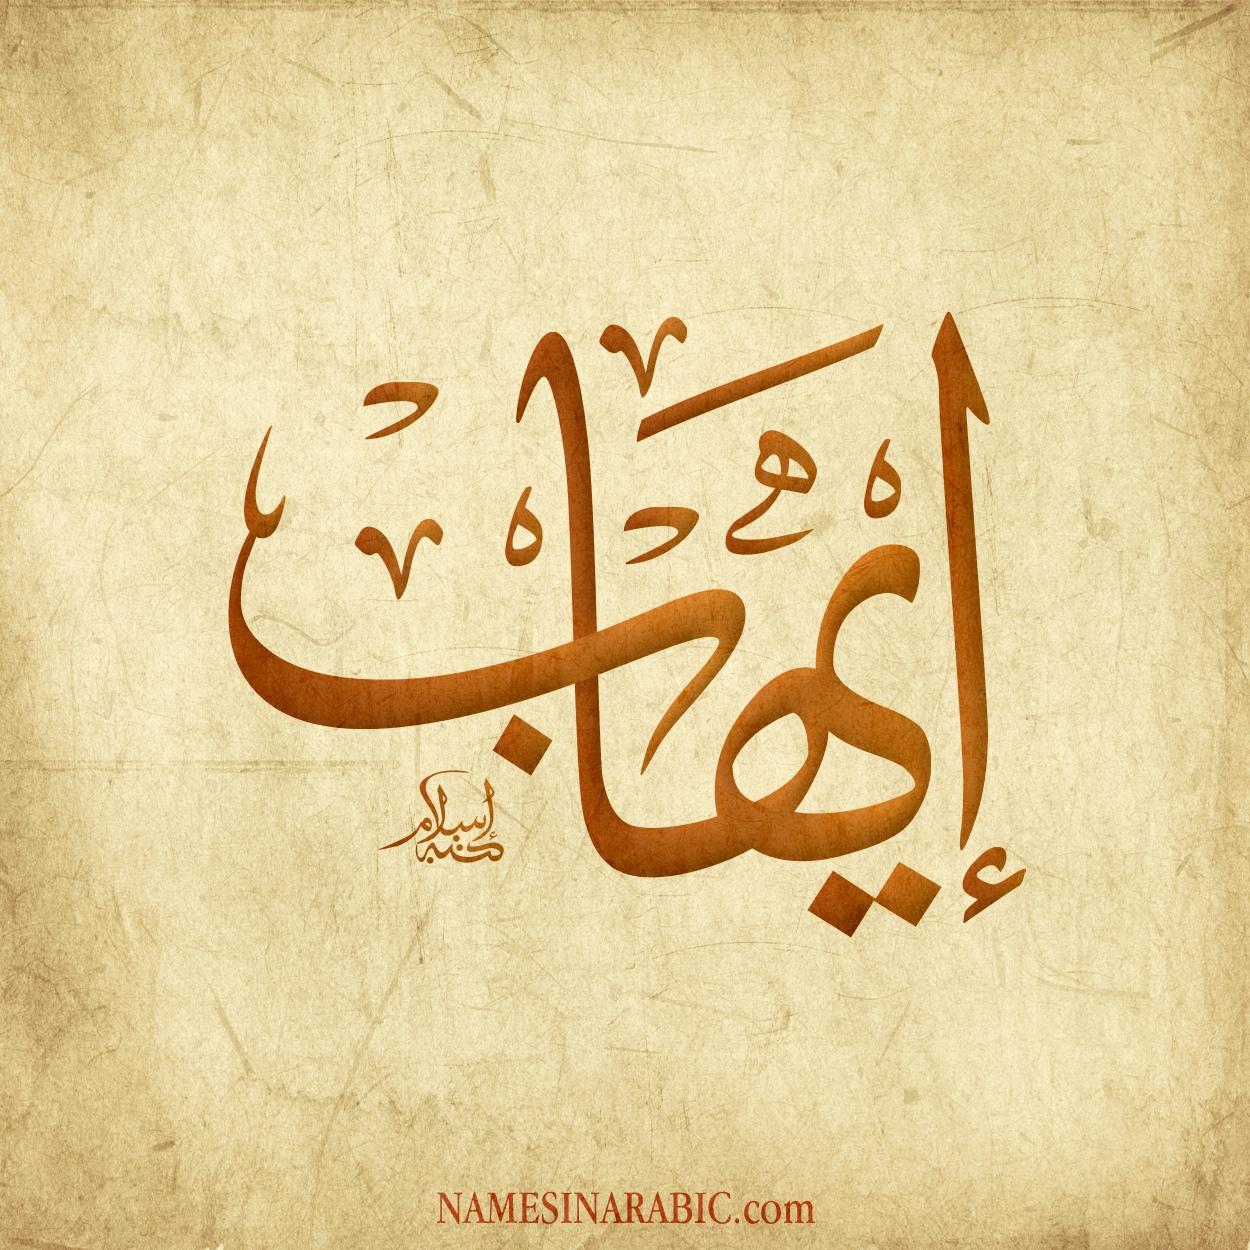 صور اسم ايهاب مزخرف معنى دلع صفات اسم ايهاب و شعر و غلاف و